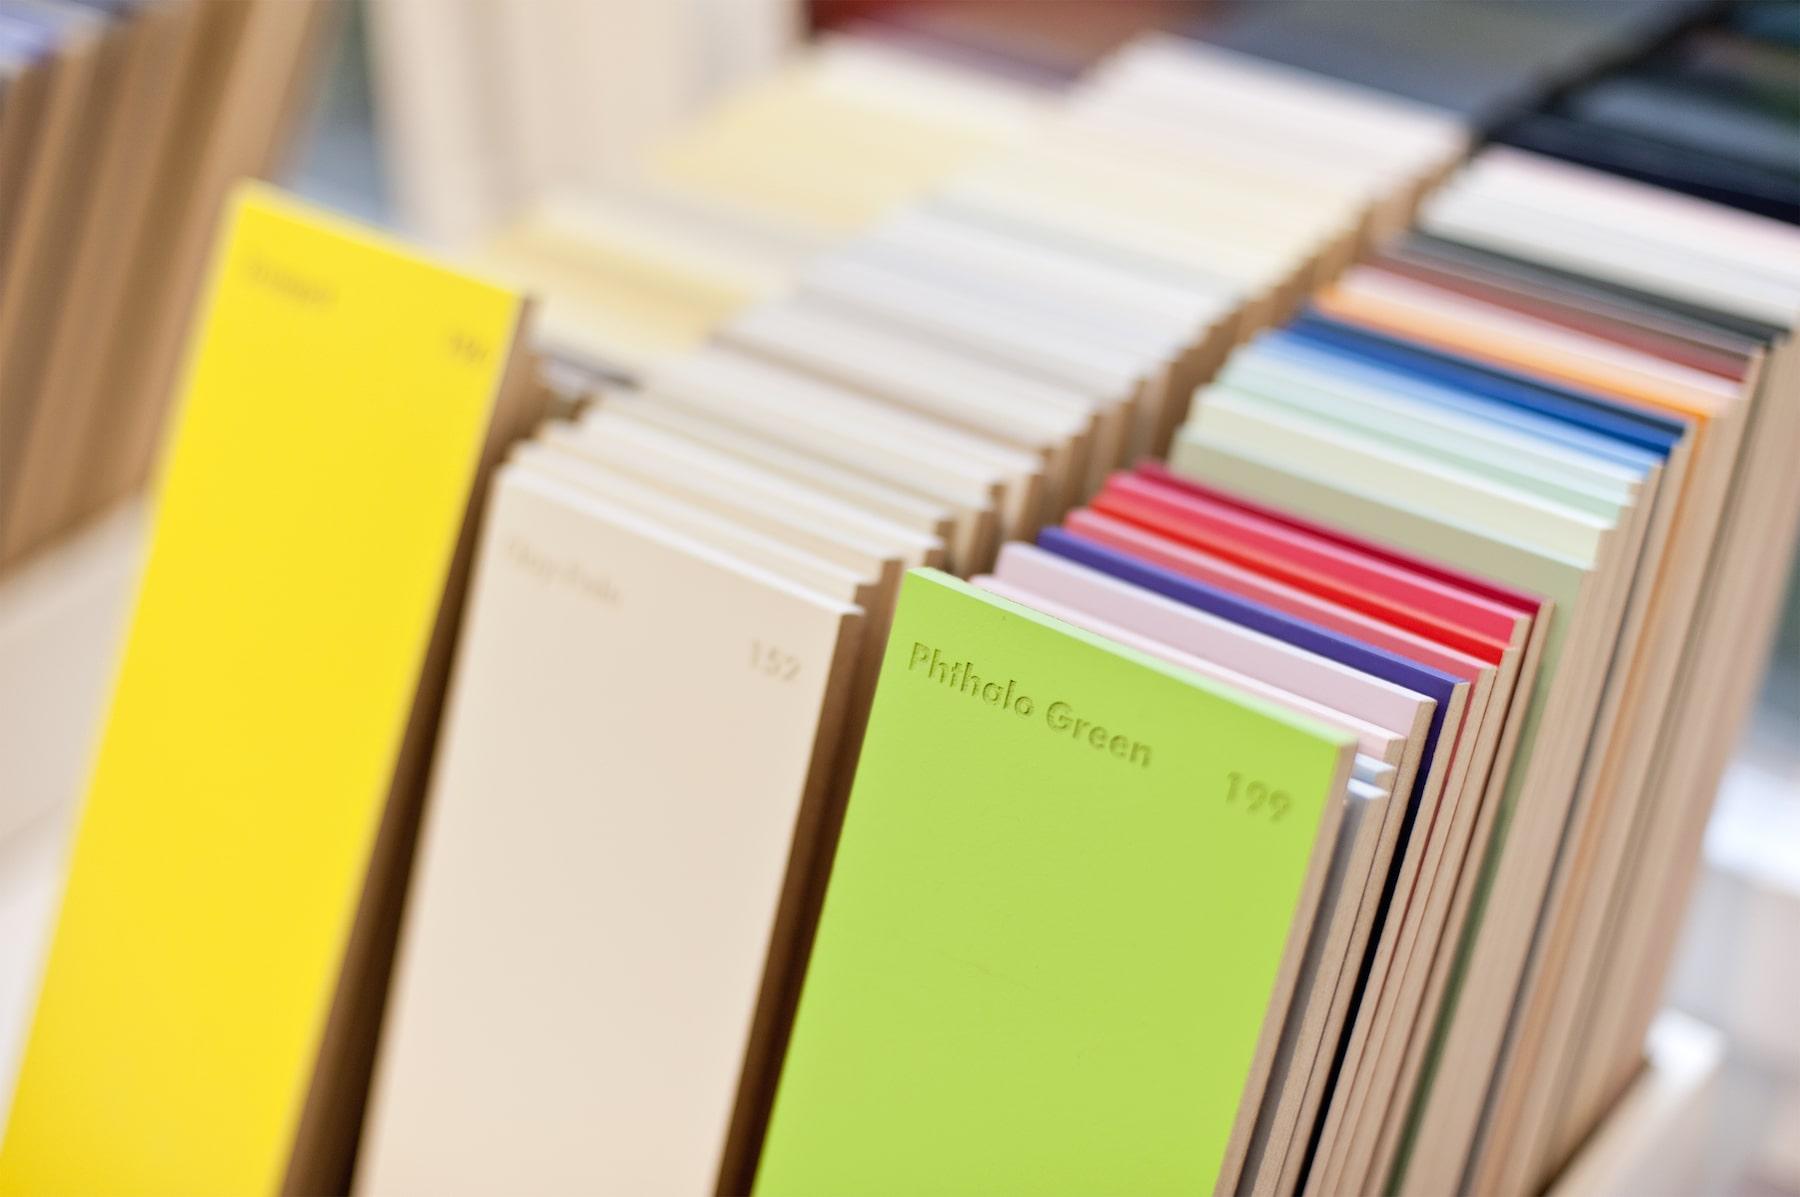 Little Greene kindersichere Farben für Kinderzimmer bei mobimio